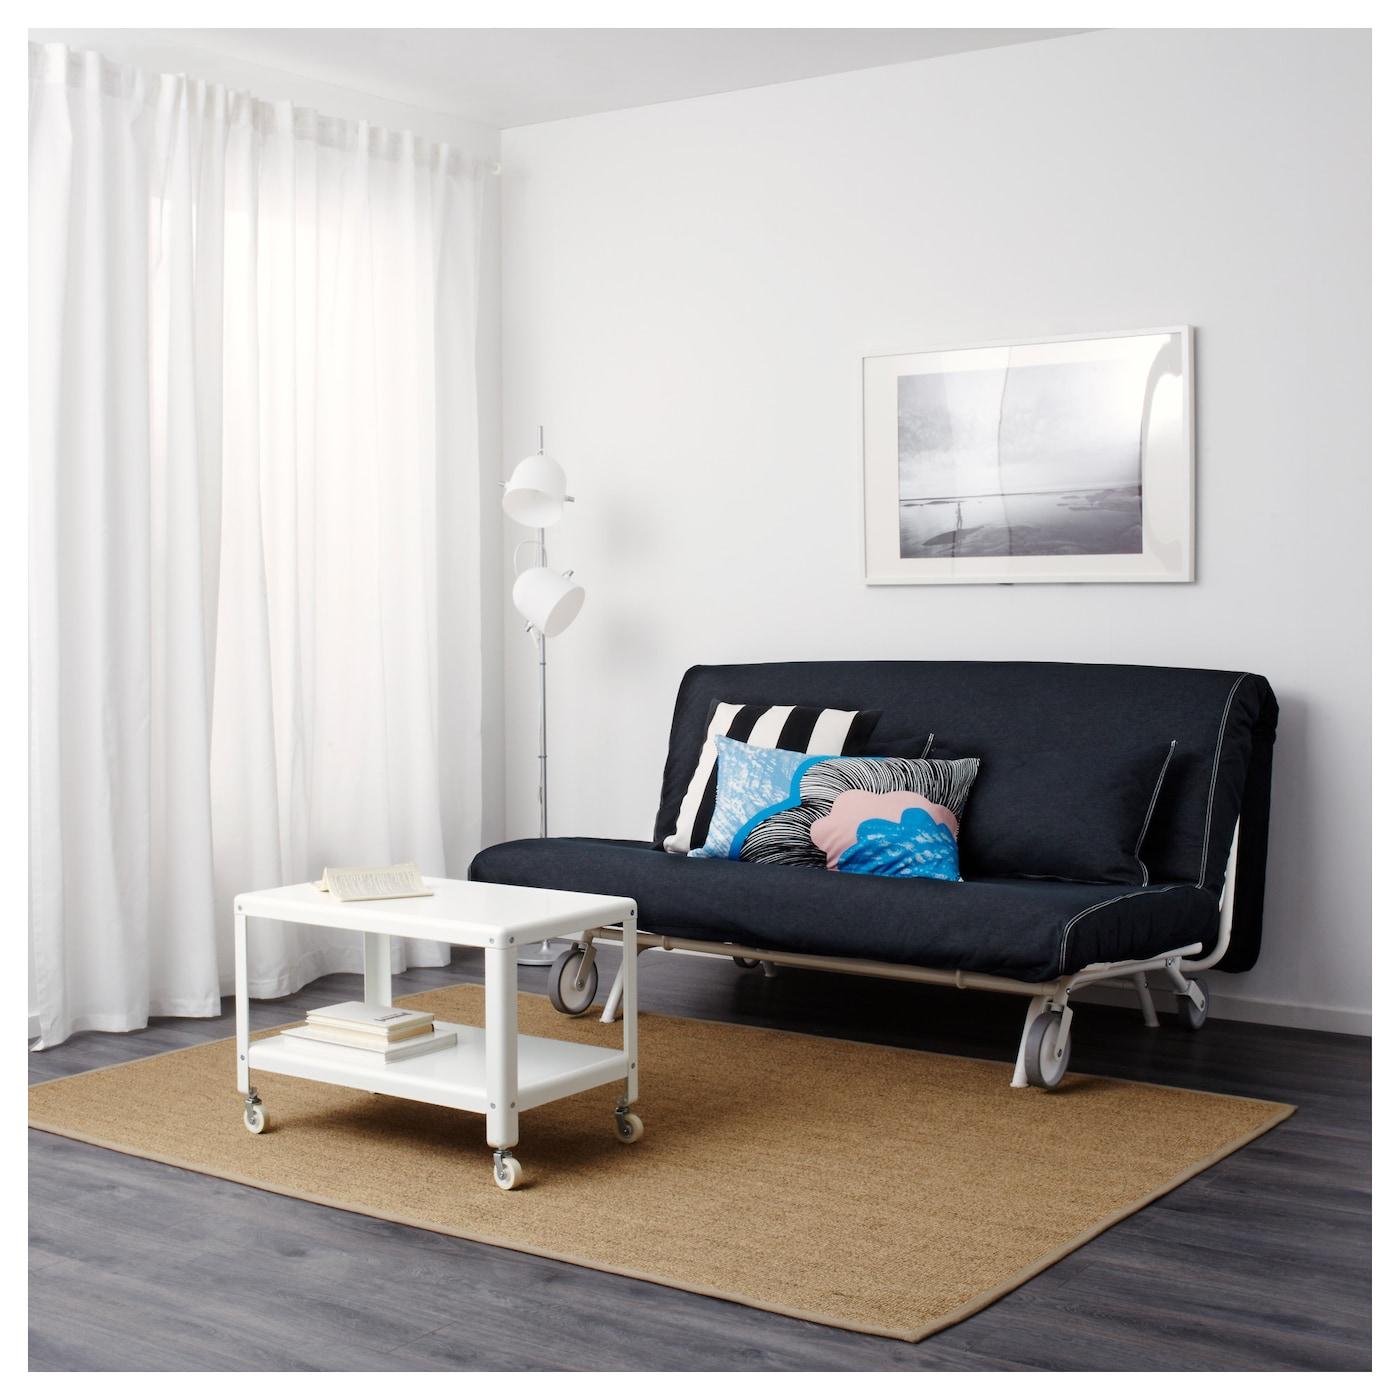 IKEA PS H…VET Two seat sofa bed Vansta dark blue IKEA